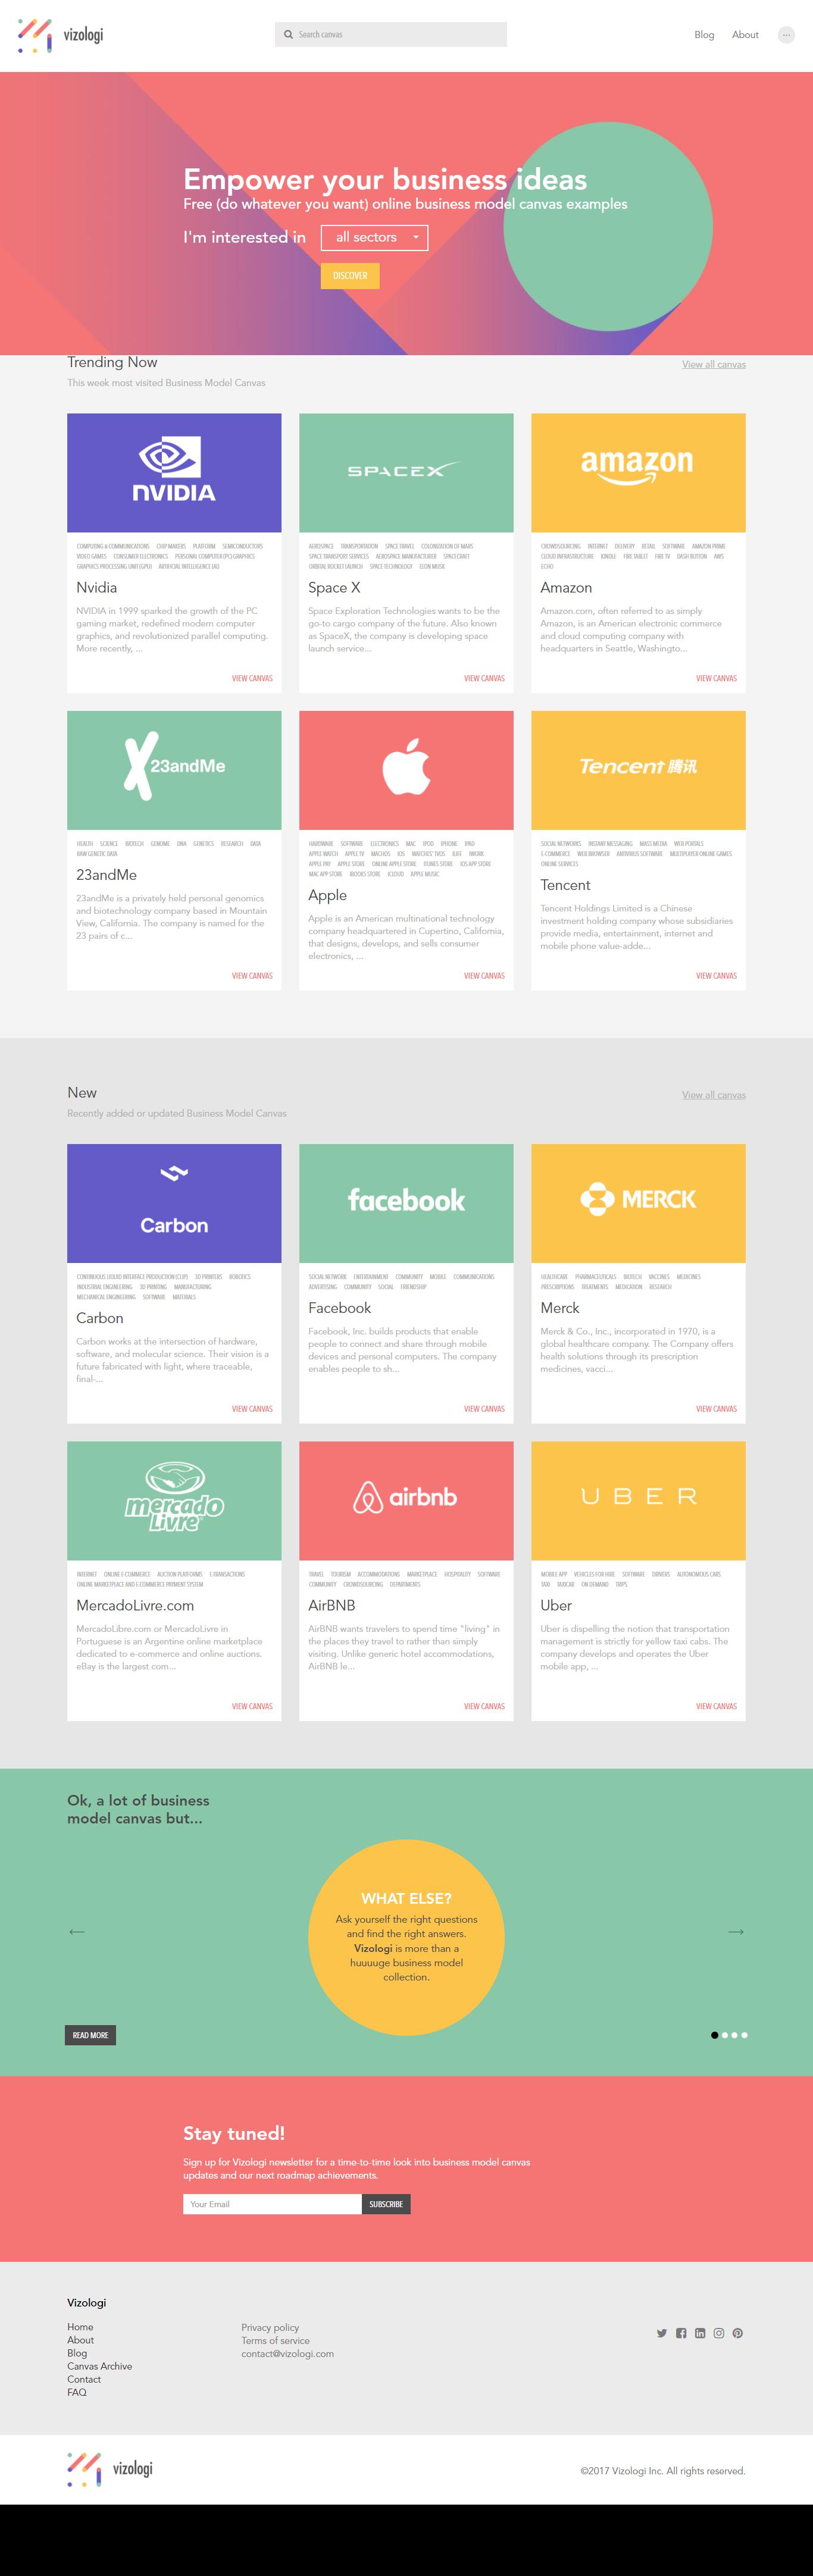 https://vizologi.com/ home. Empower your business ideas Free (do ...